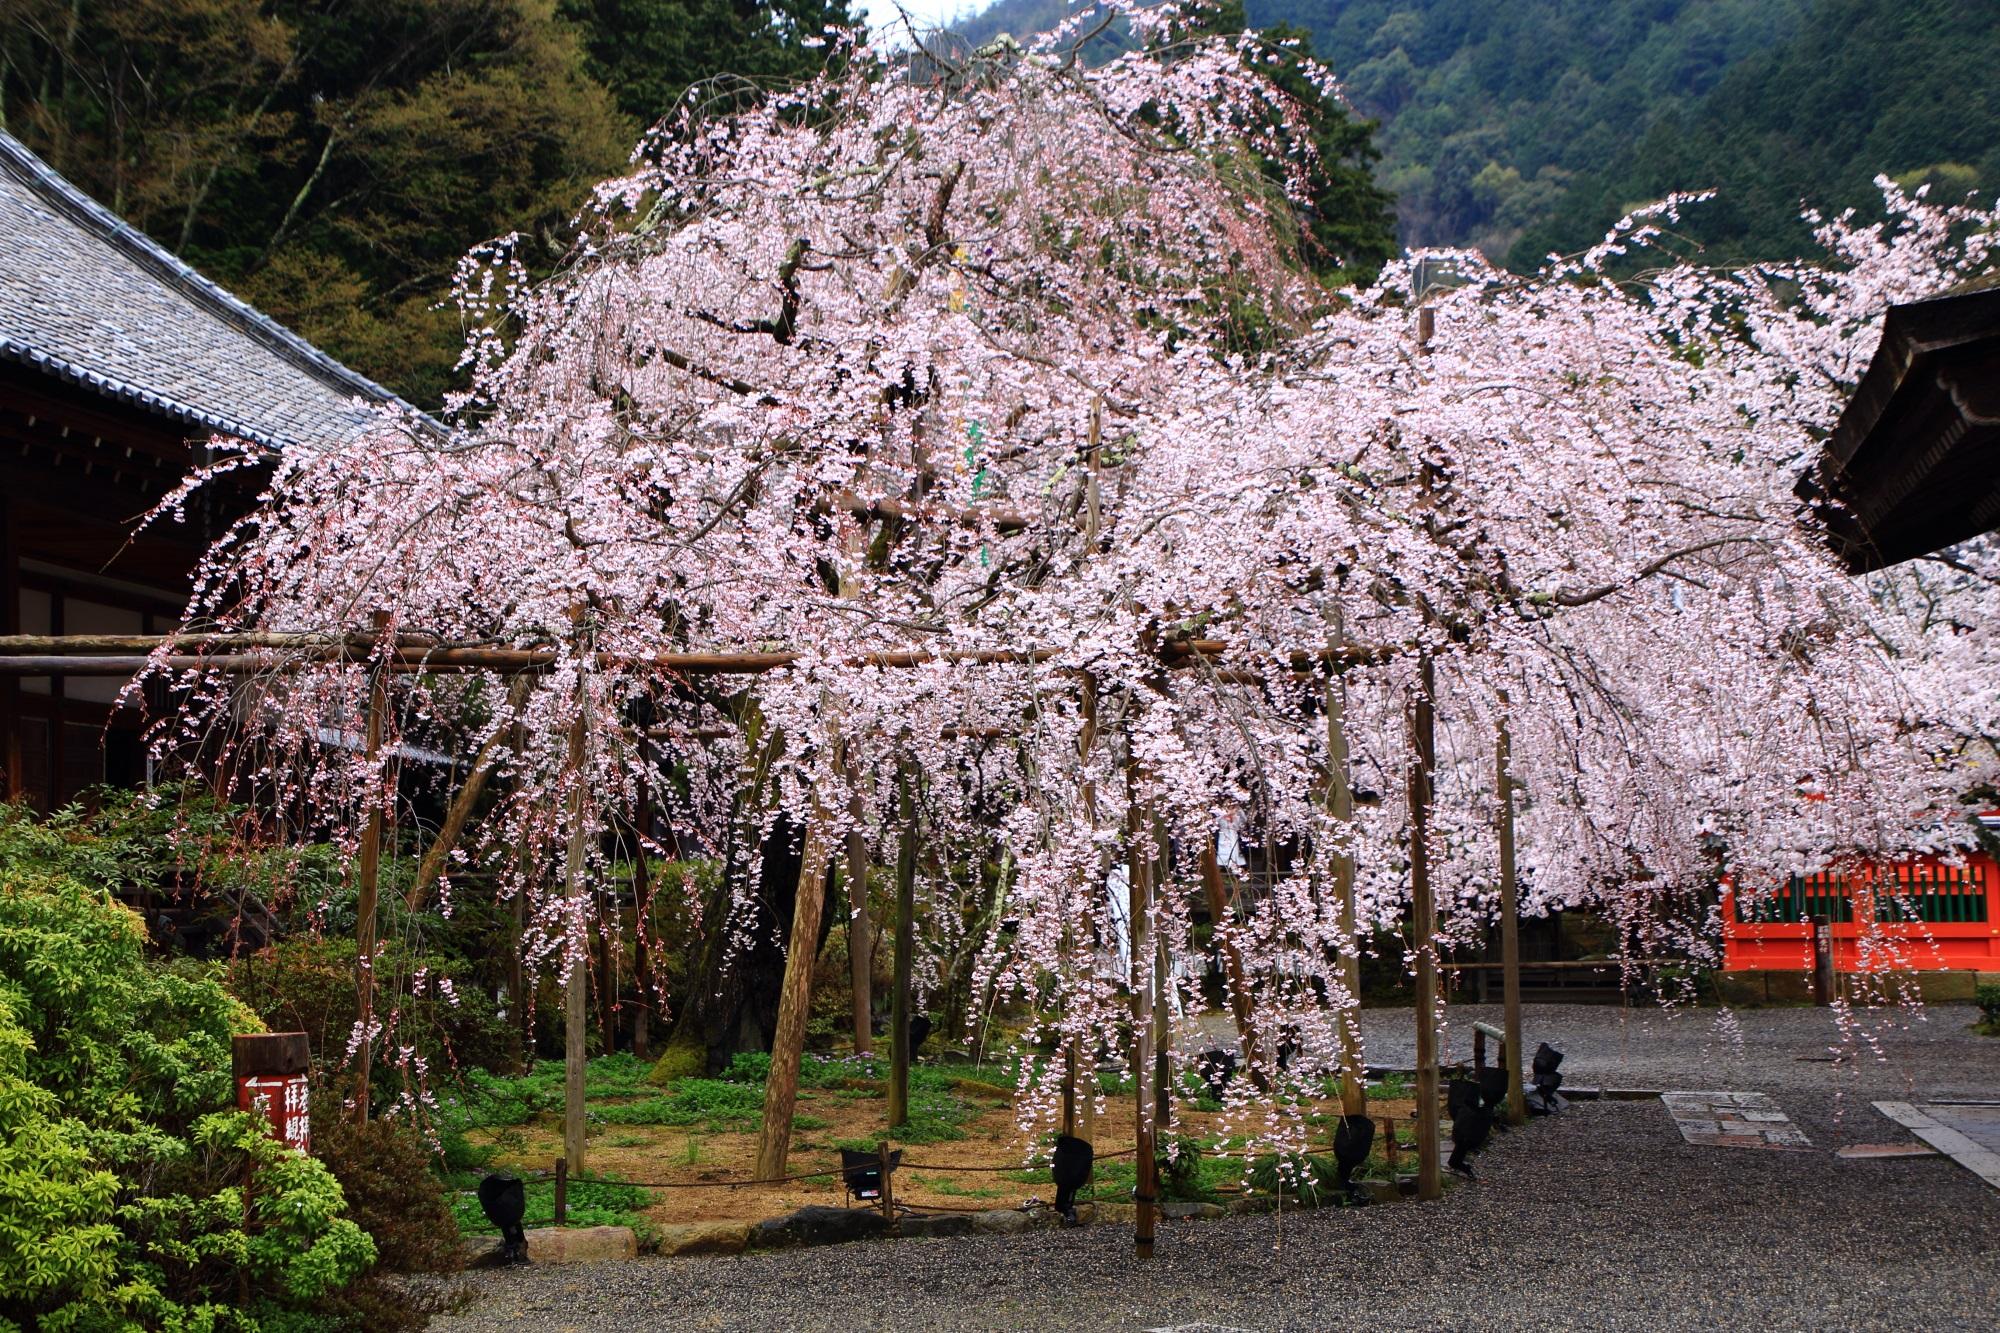 毘沙門堂の素晴らしい桜と春の情景